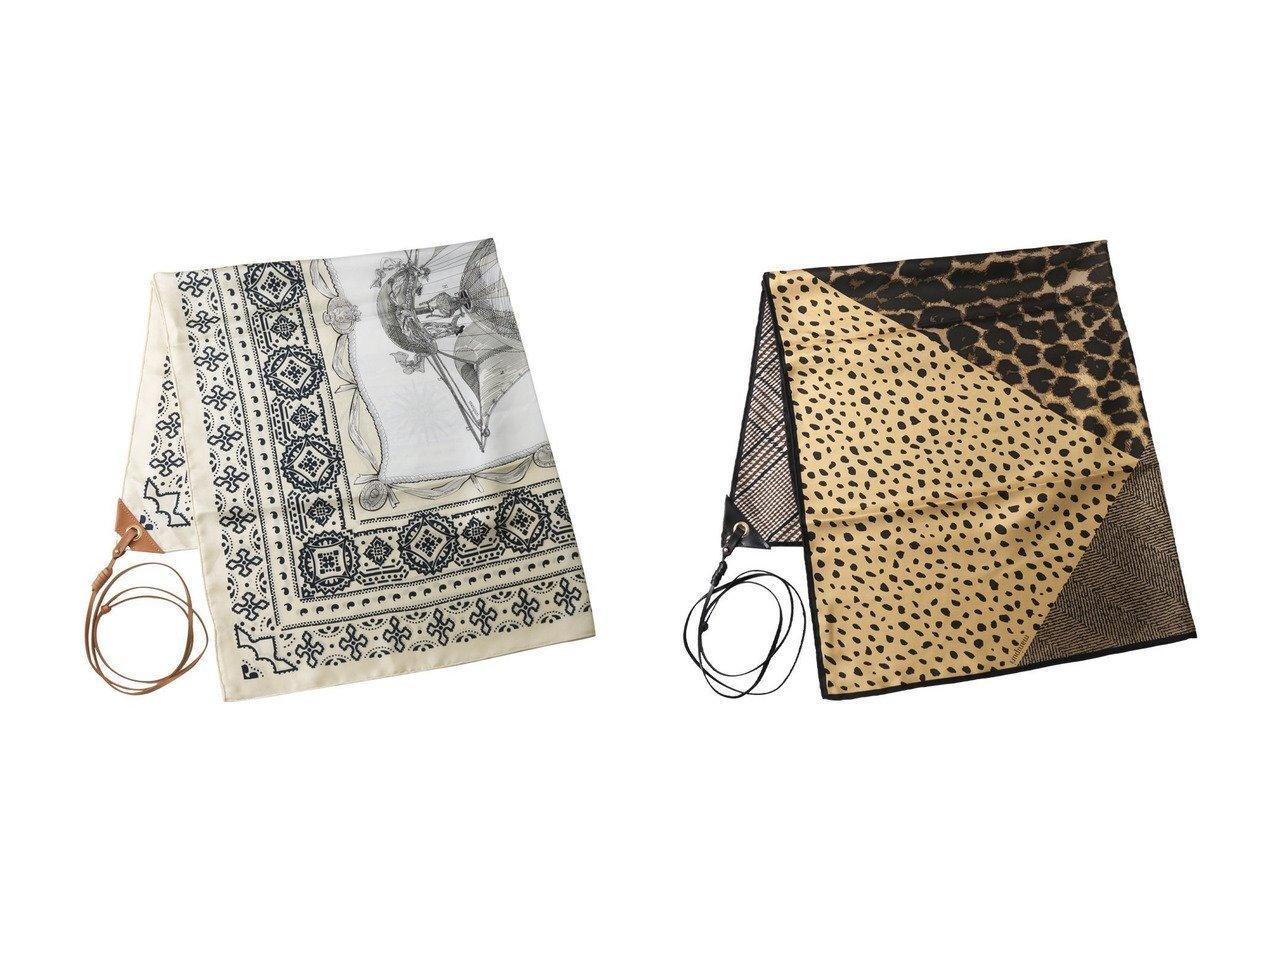 【STUNNING LURE/スタニングルアー】のmanpuri スカーフ&manipuri スカーフ おすすめ!人気、トレンド・レディースファッションの通販 おすすめで人気の流行・トレンド、ファッションの通販商品 インテリア・家具・メンズファッション・キッズファッション・レディースファッション・服の通販 founy(ファニー) https://founy.com/ ファッション Fashion レディースファッション WOMEN ストール Scarves マフラー Mufflers なめらか シルク スカーフ ストール プリント マフラー ラップ リボン |ID:crp329100000074711